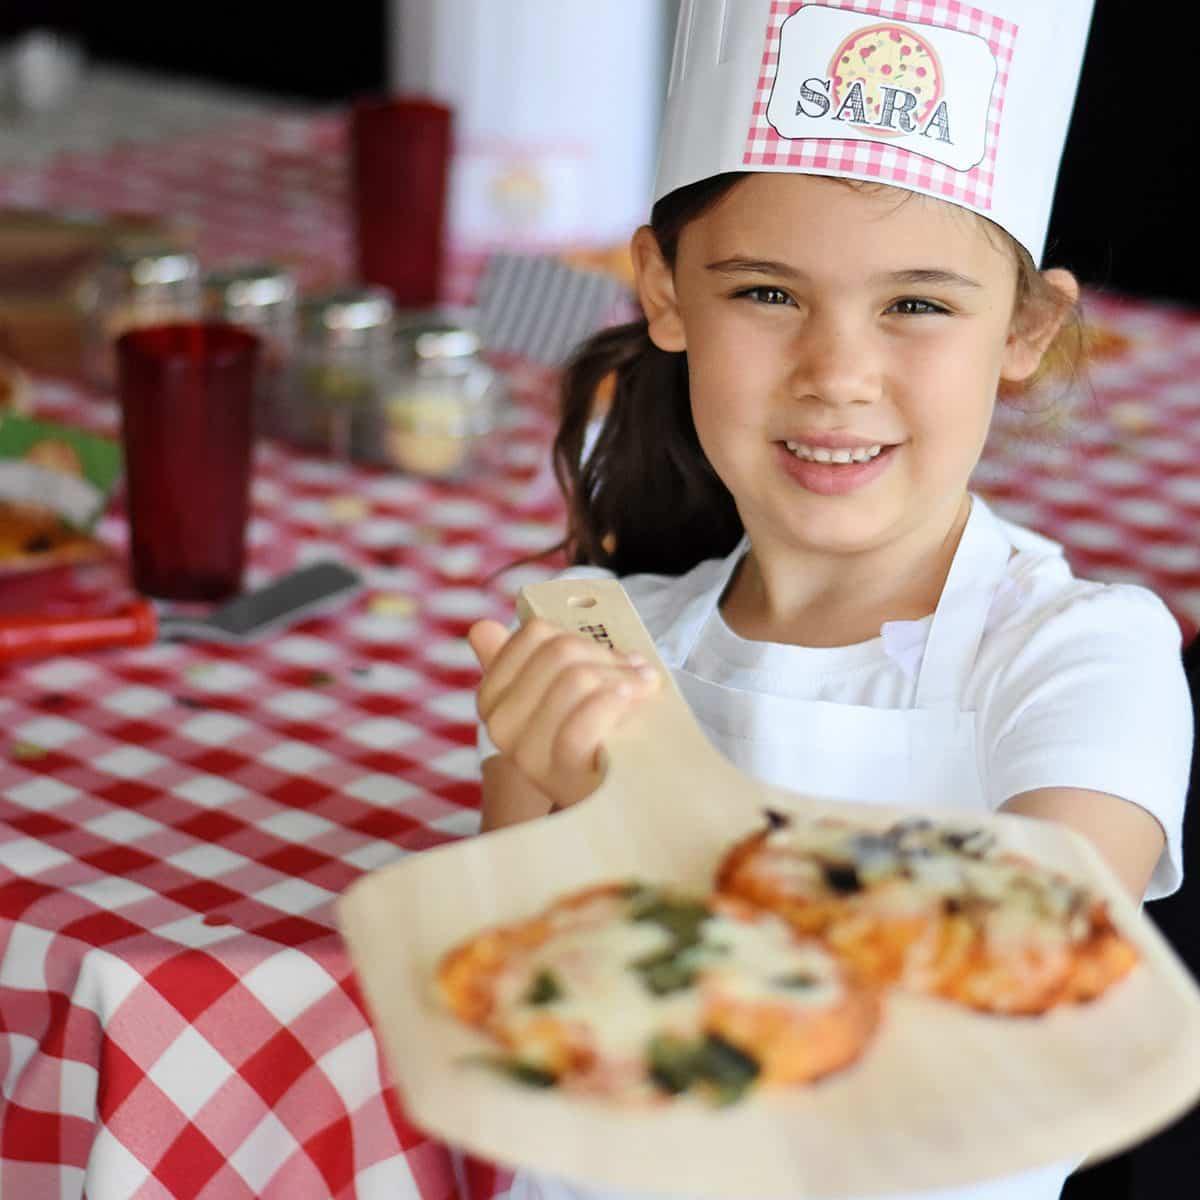 CHICA JOVEN CON PIZZA PARA IDEAS DE FIESTA DE CUMPLEAÑOS DE PIZZA